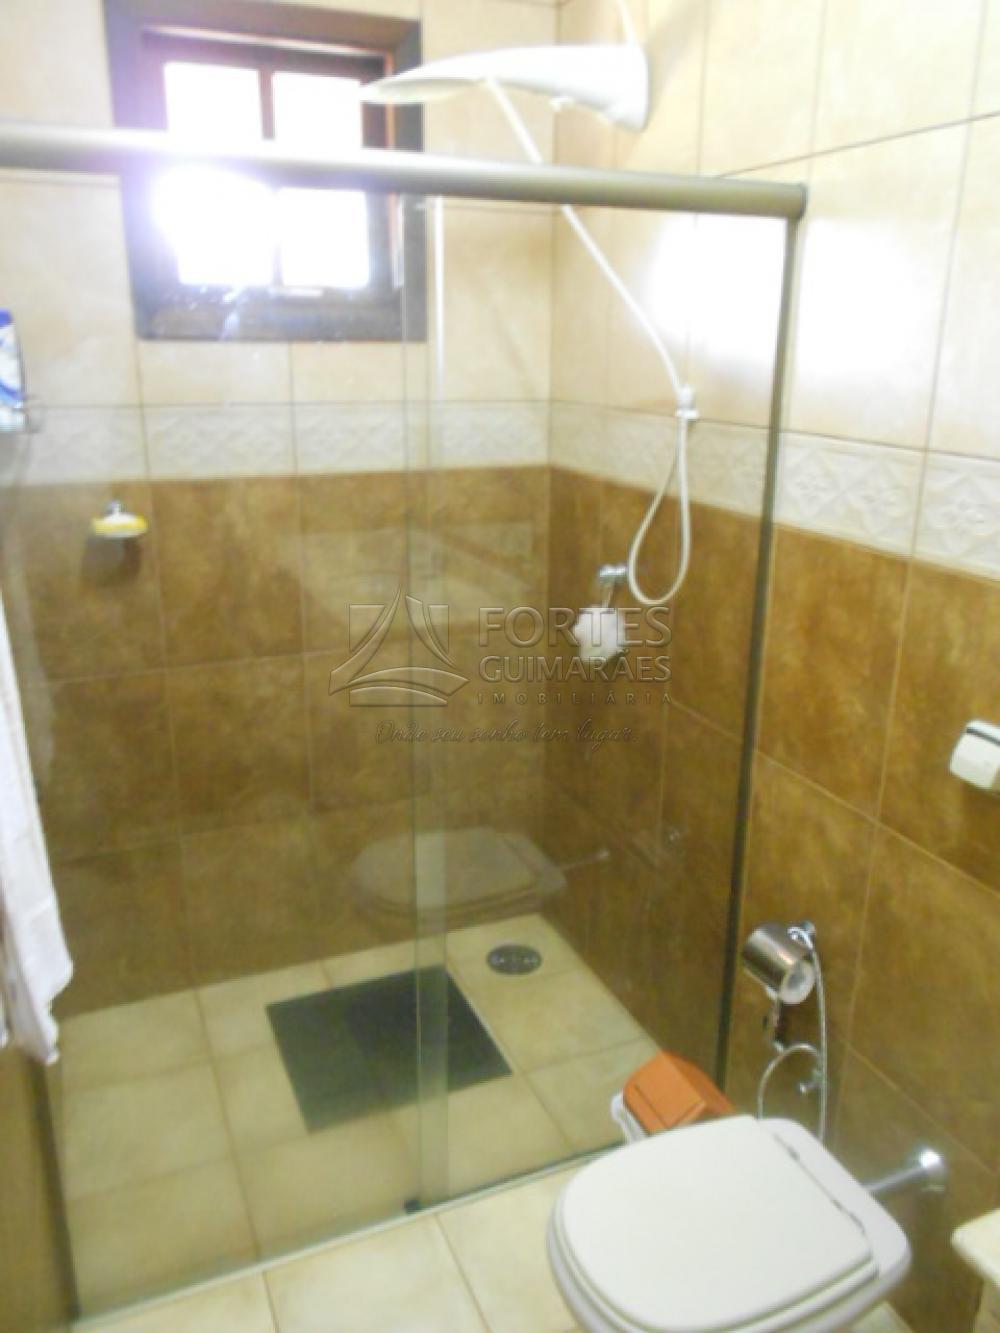 Alugar Casas / Condomínio em Jardinópolis apenas R$ 3.000,00 - Foto 38